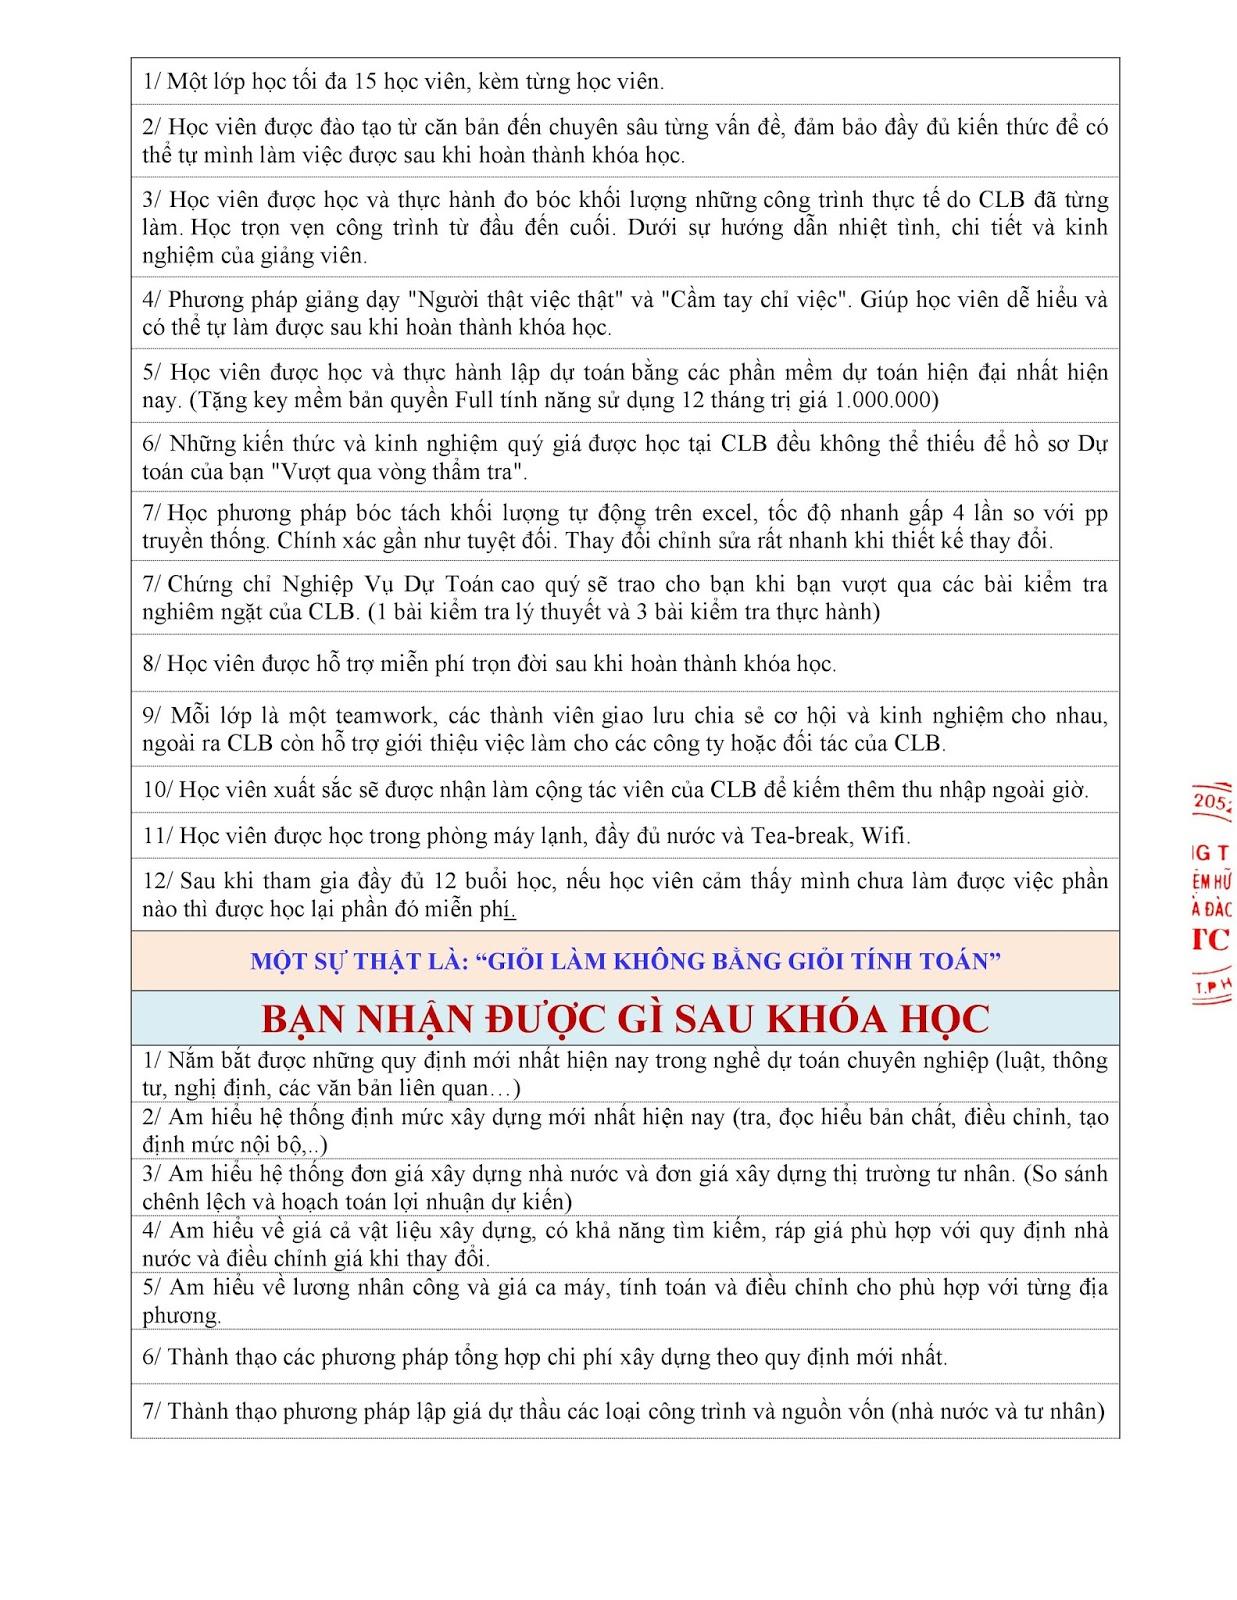 THÔNG BÁO CHÊU SINH KHÓA K81 LỚP DỰ TOÁN DÂN DỤNG T02/ 2020